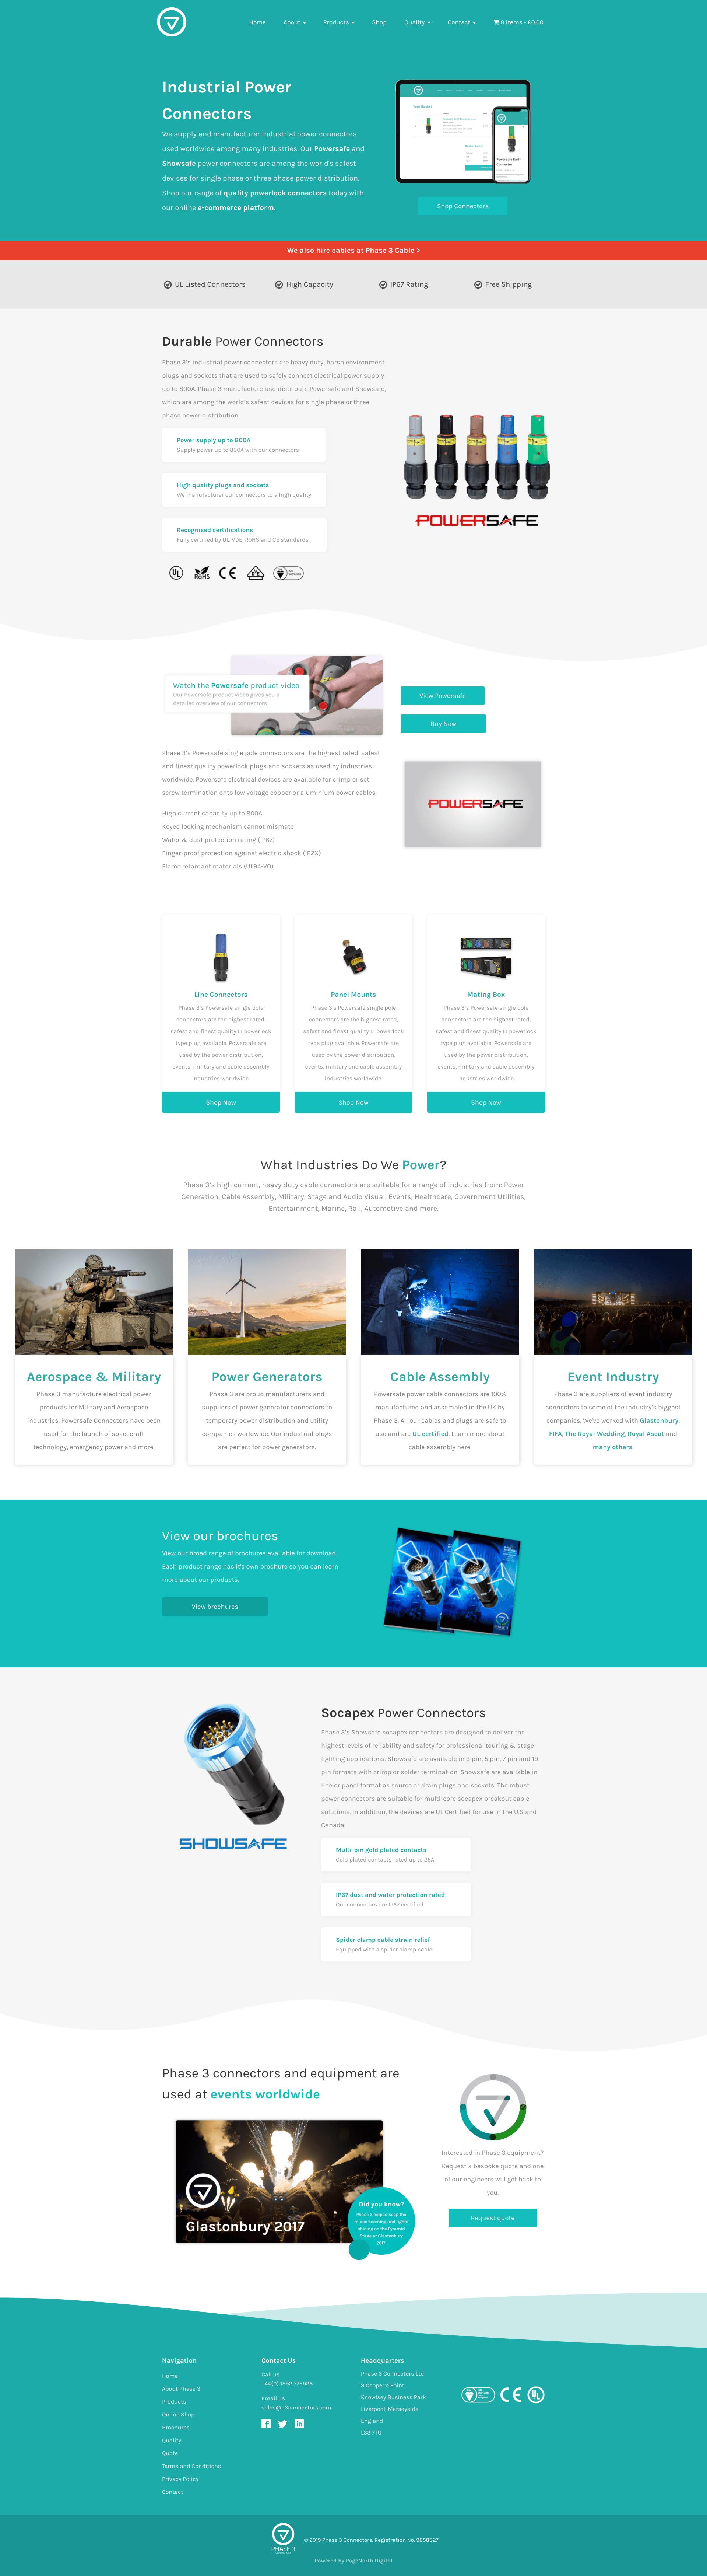 Full Phase 3 Site